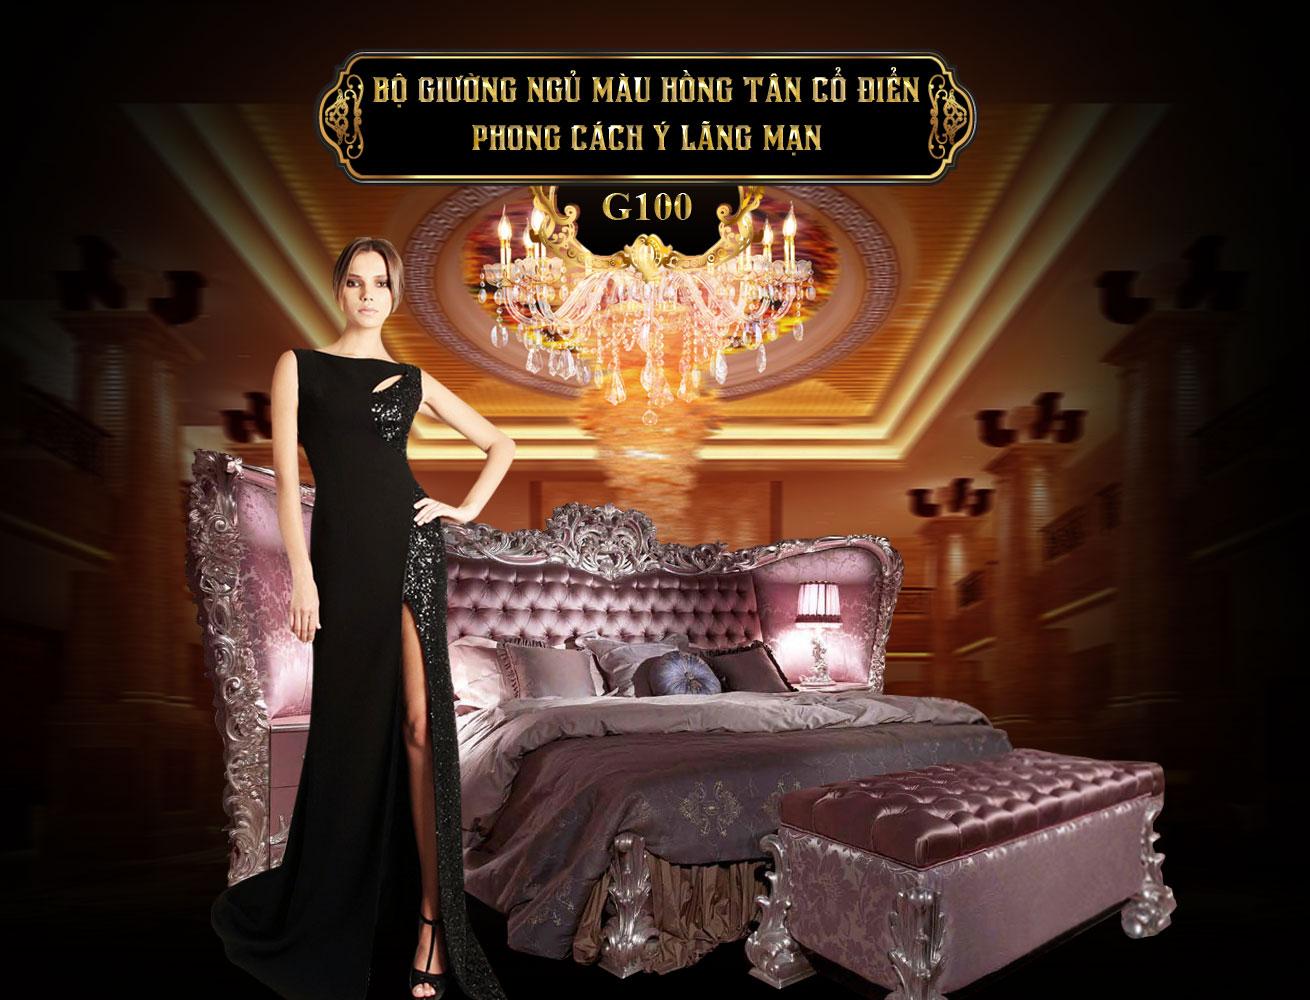 Bộ giường ngủ màu hồng tân cổ điển G100